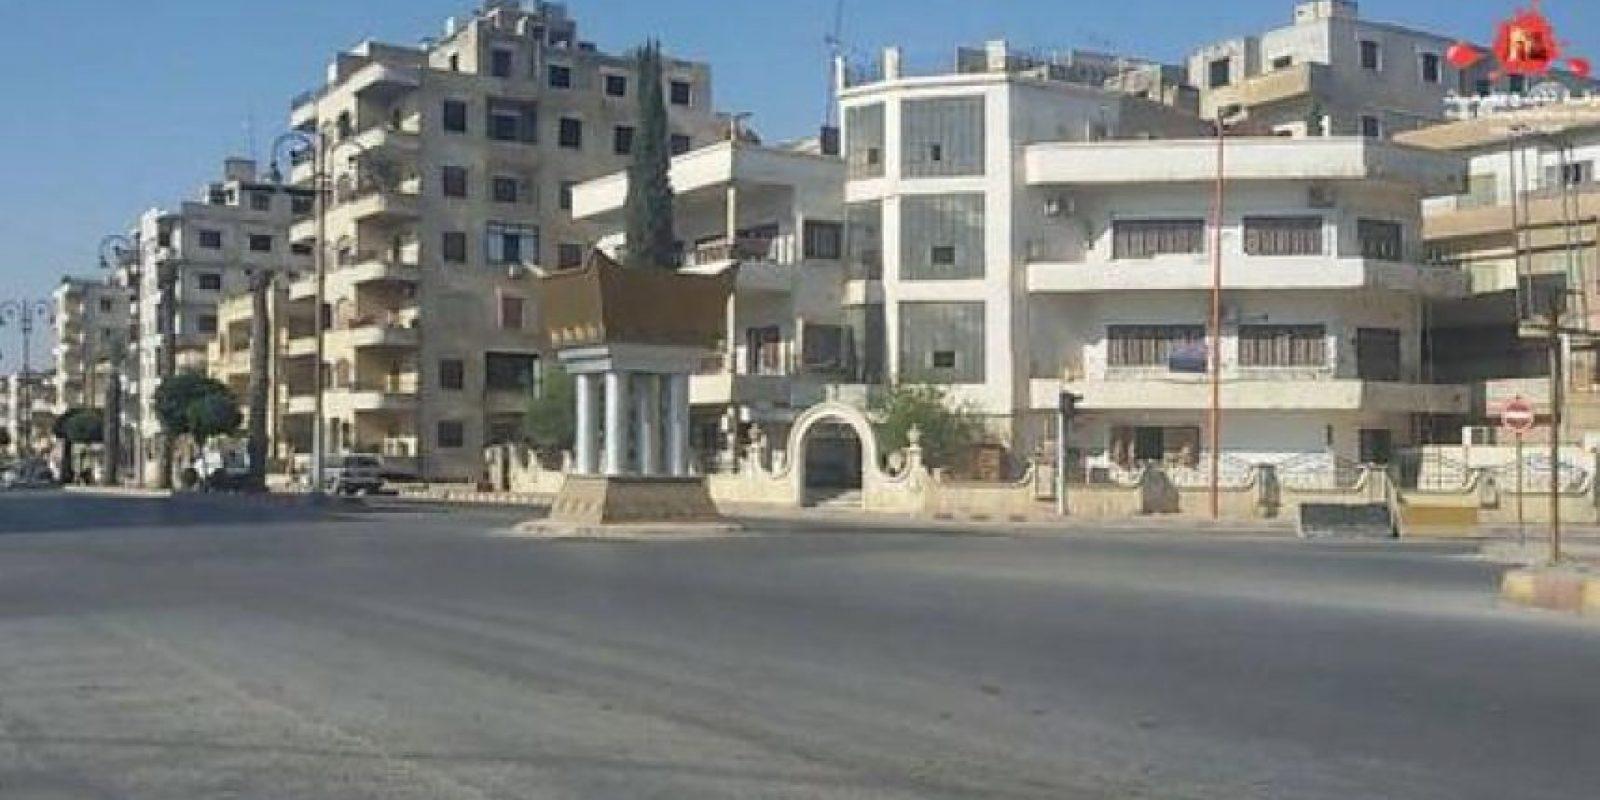 Así luce Raqqa, en Siria, una de las ciudades más importantes para ISIS Foto:Twitter.com/raqqa_mcr